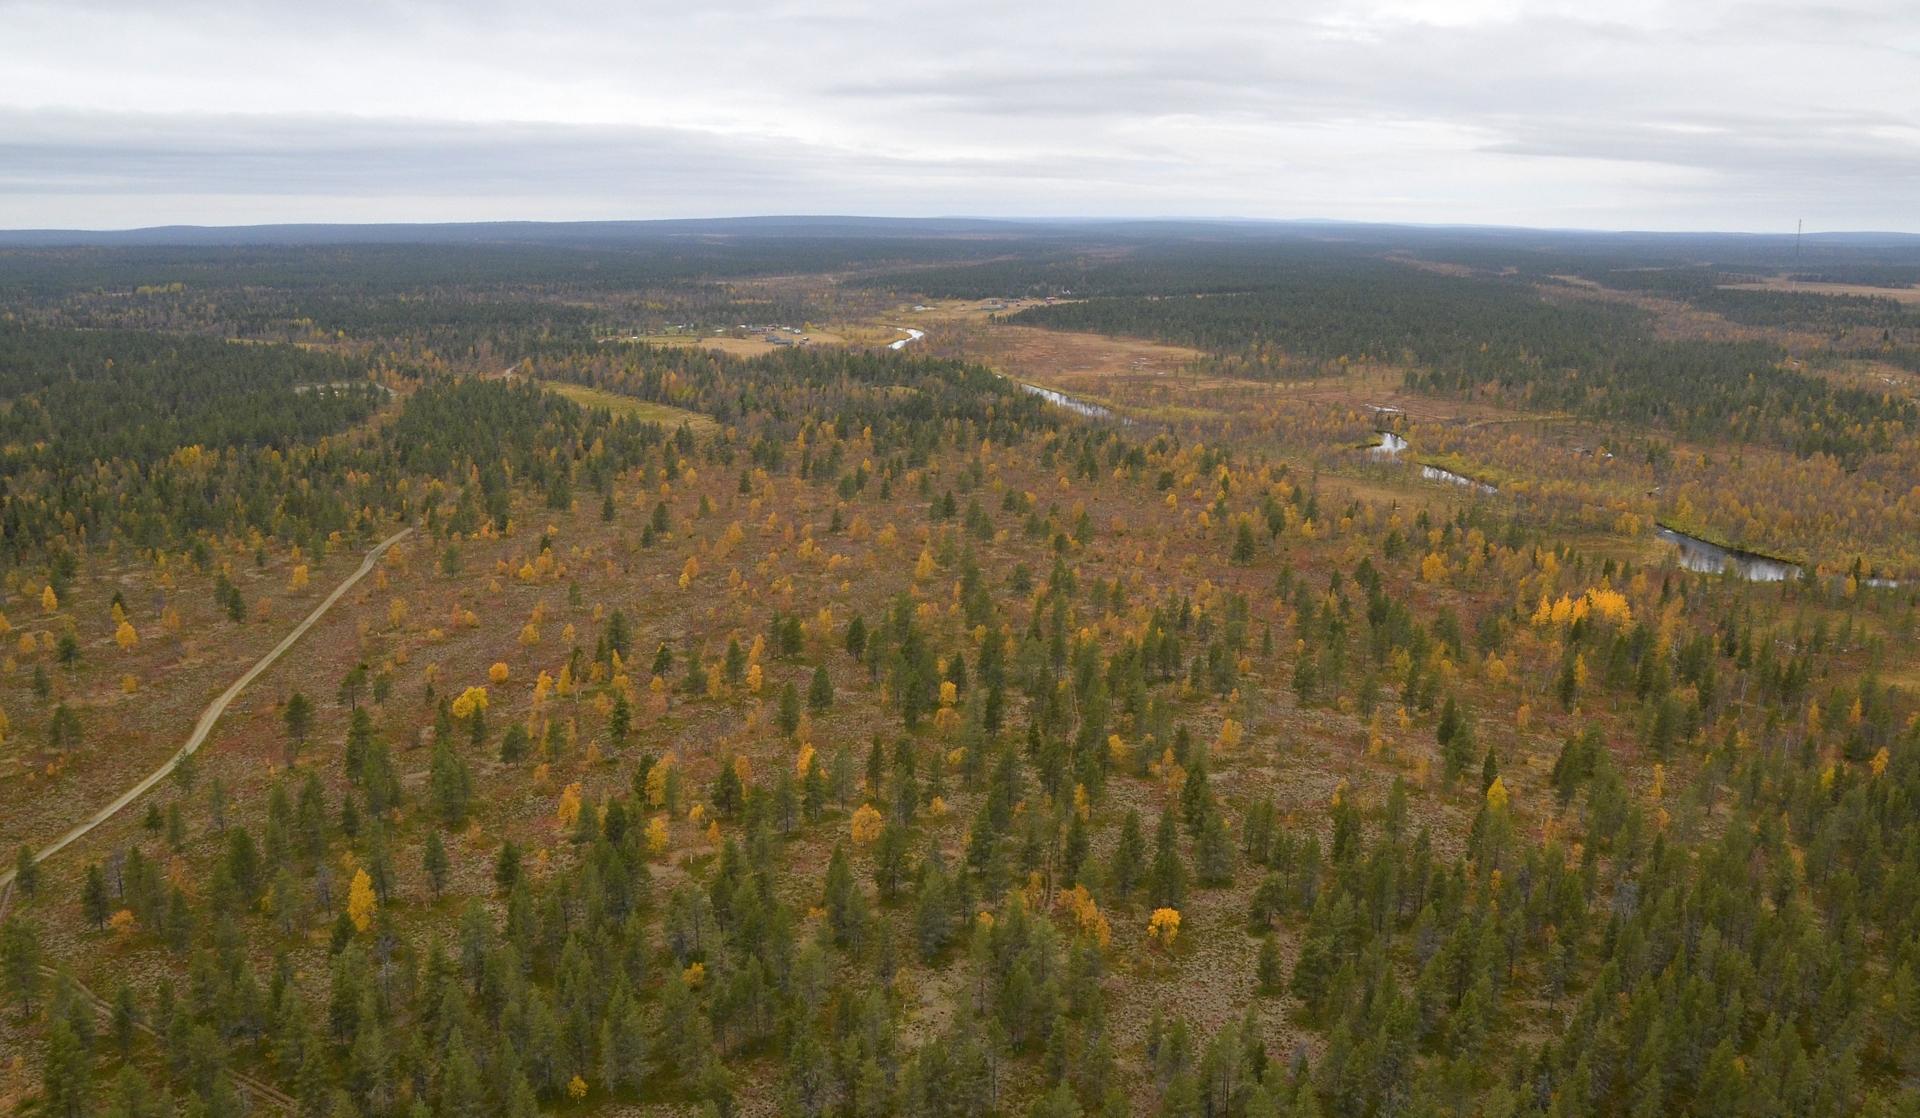 Seuraava lentopaikka oli Pokankylä Inari-Kittilä tien varressa. Täällä otin Hanskin triken kyytiin maisemia katsomaan.